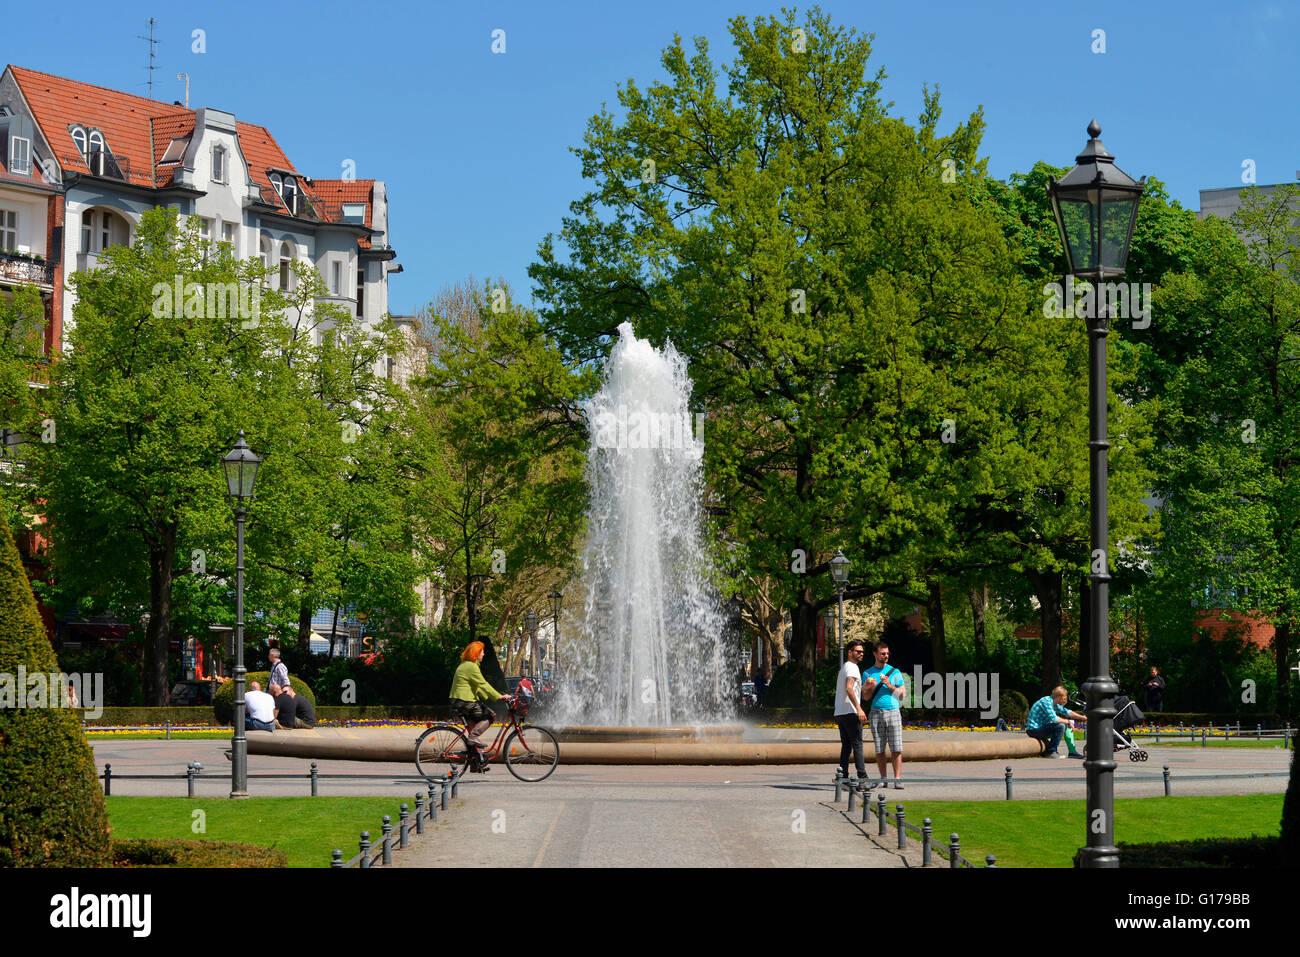 Brunnen, Viktoria Luise Platz, Schoeneberg, Berlin, Deutschland / Schöneberg